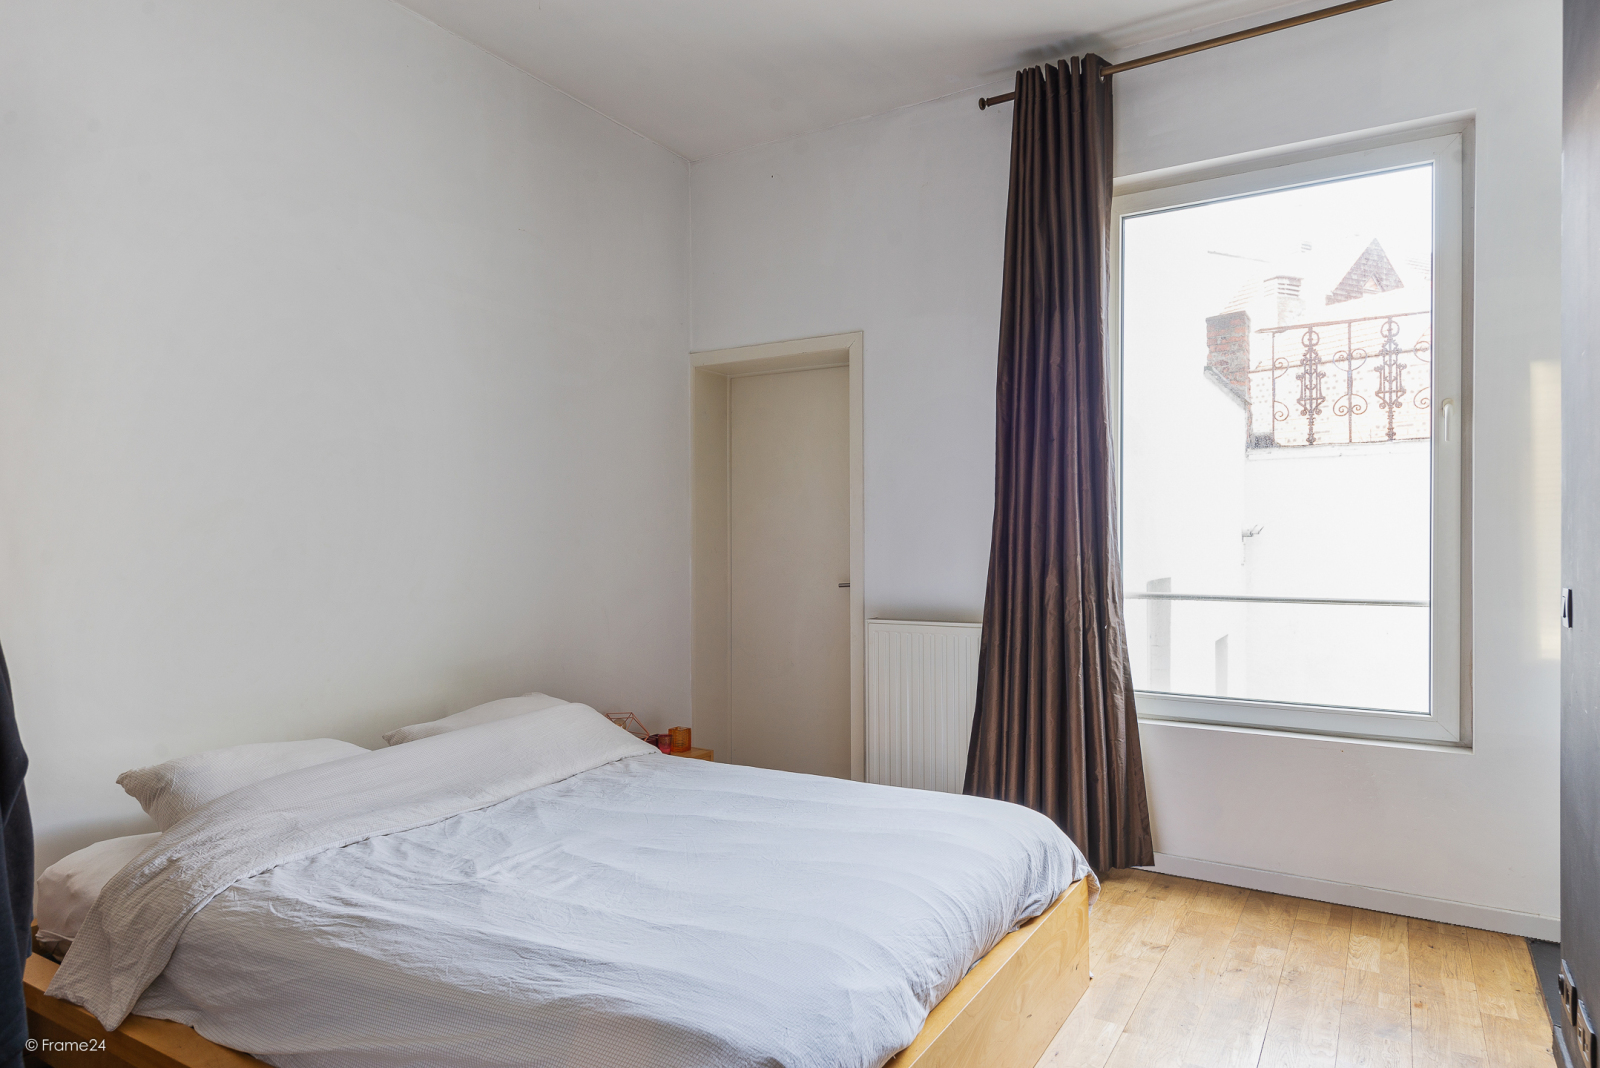 Hedendaags appartement met 1 slaapkamer op wandelafstand van het Zuid! afbeelding 10